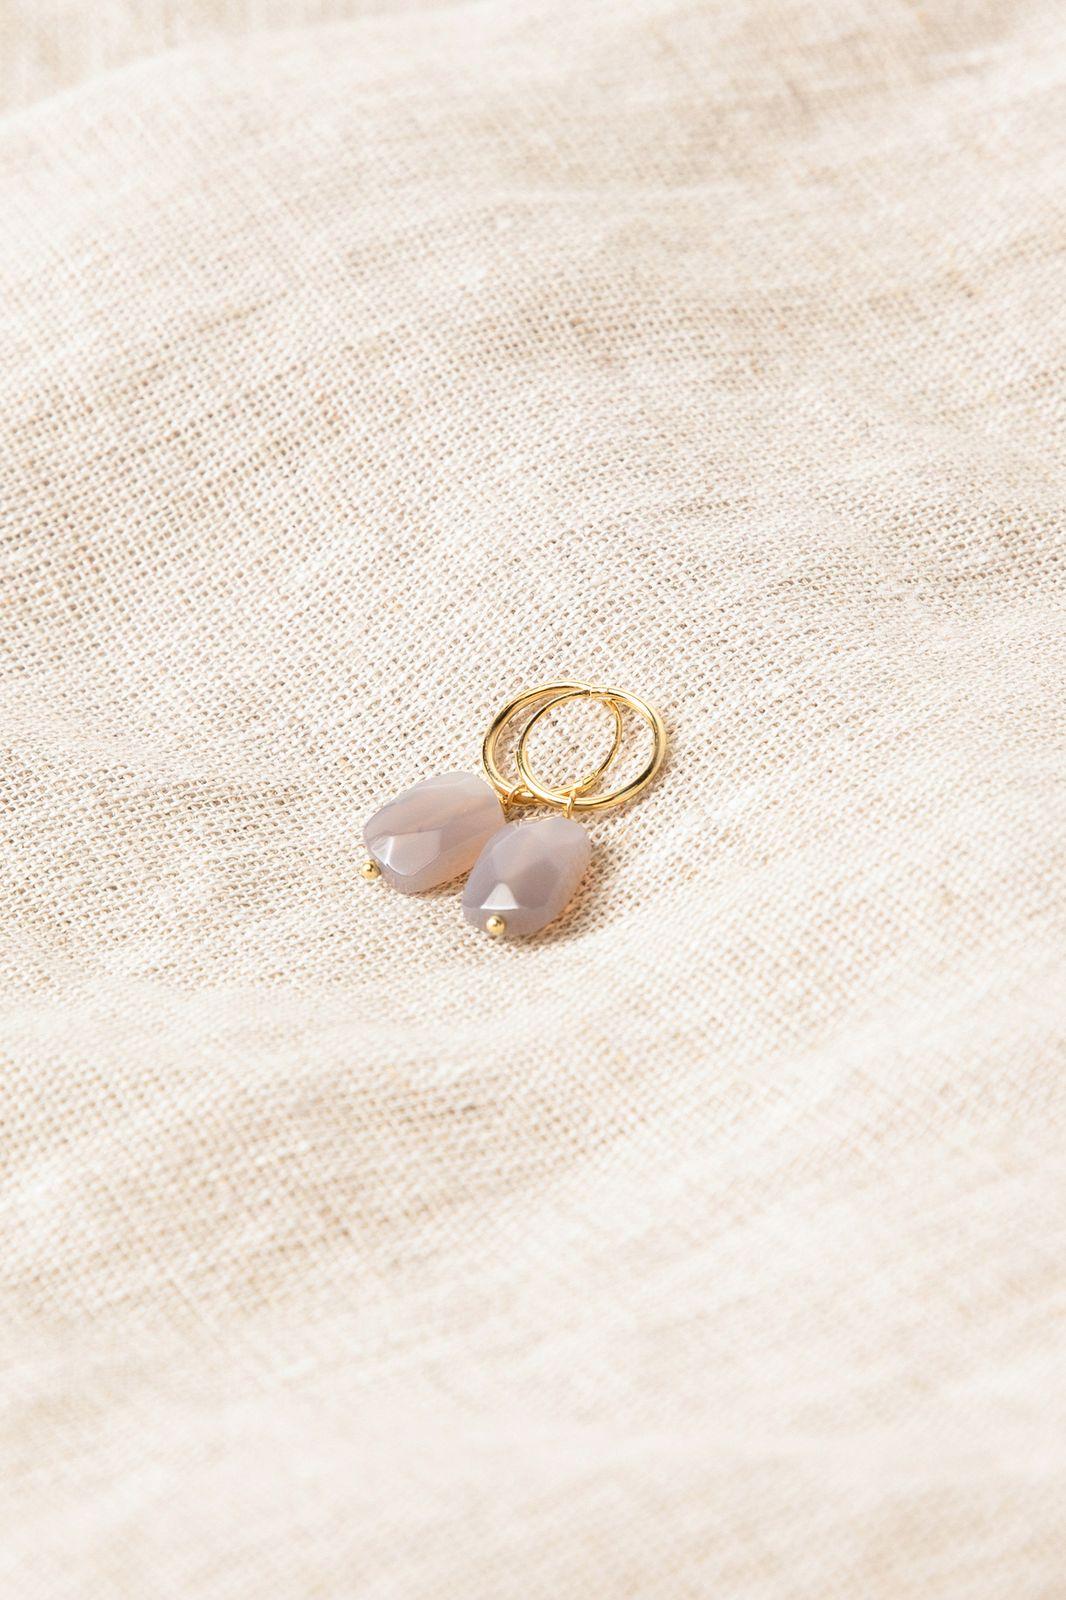 Boucles d'oreille plaqué or avec petite pierre